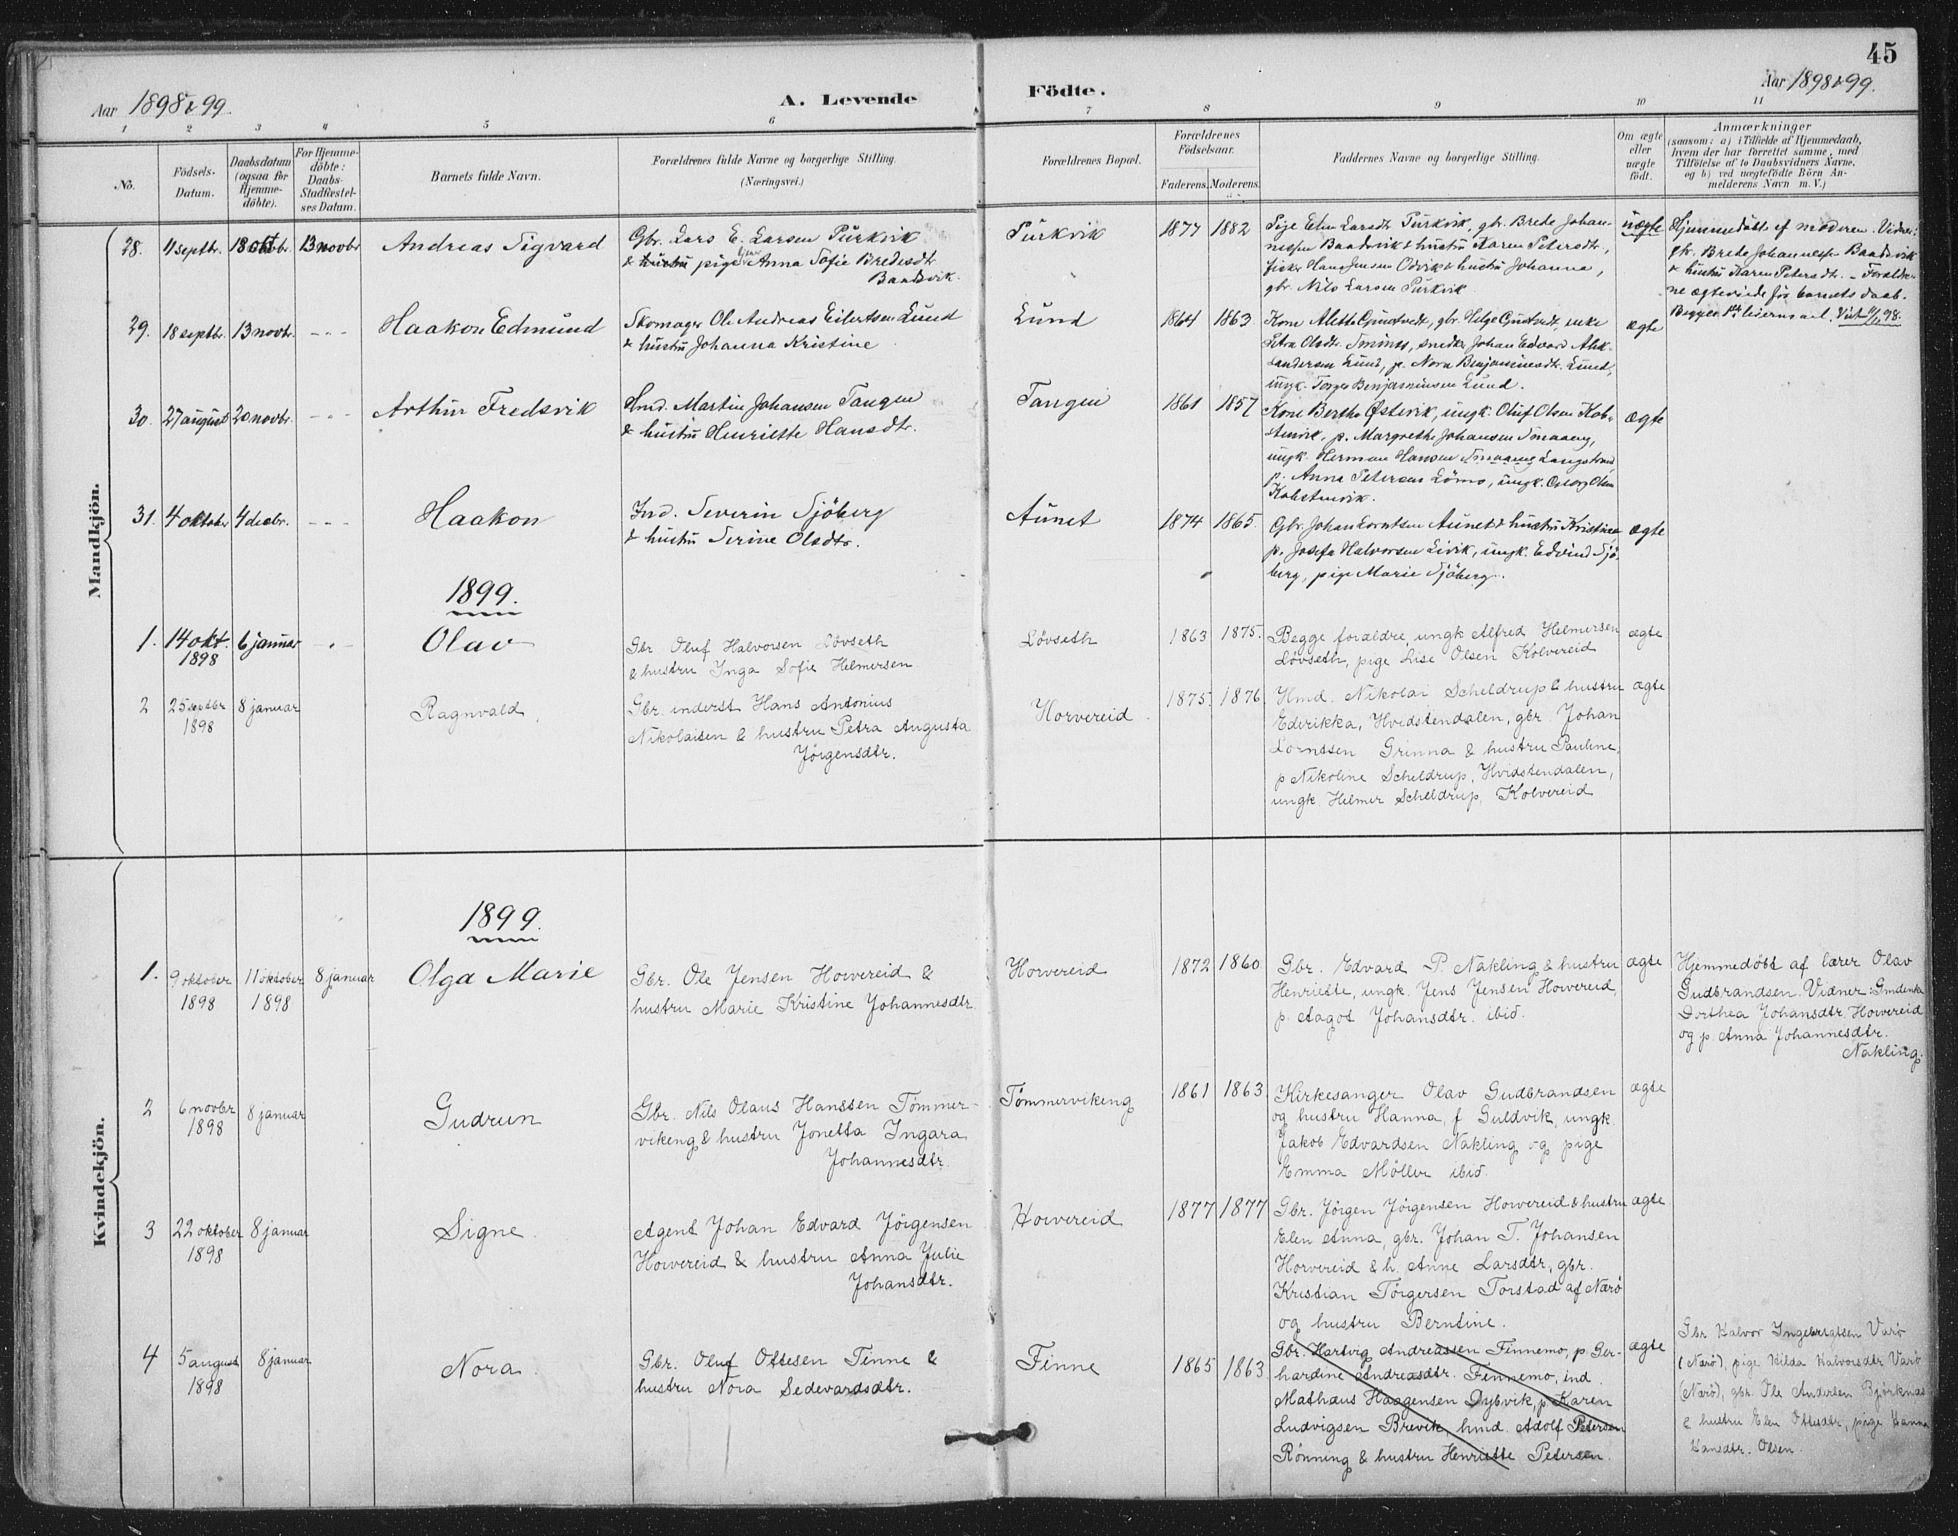 SAT, Ministerialprotokoller, klokkerbøker og fødselsregistre - Nord-Trøndelag, 780/L0644: Ministerialbok nr. 780A08, 1886-1903, s. 45